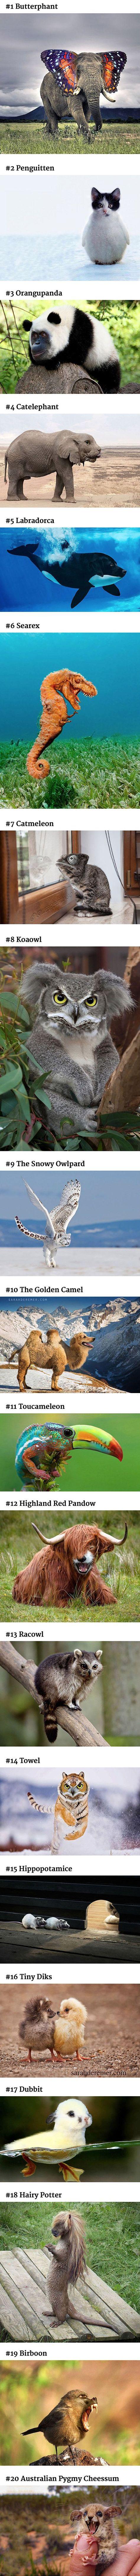 100+ Best Computogenesis images | photoshopped animals, animal mashups,  weird animals